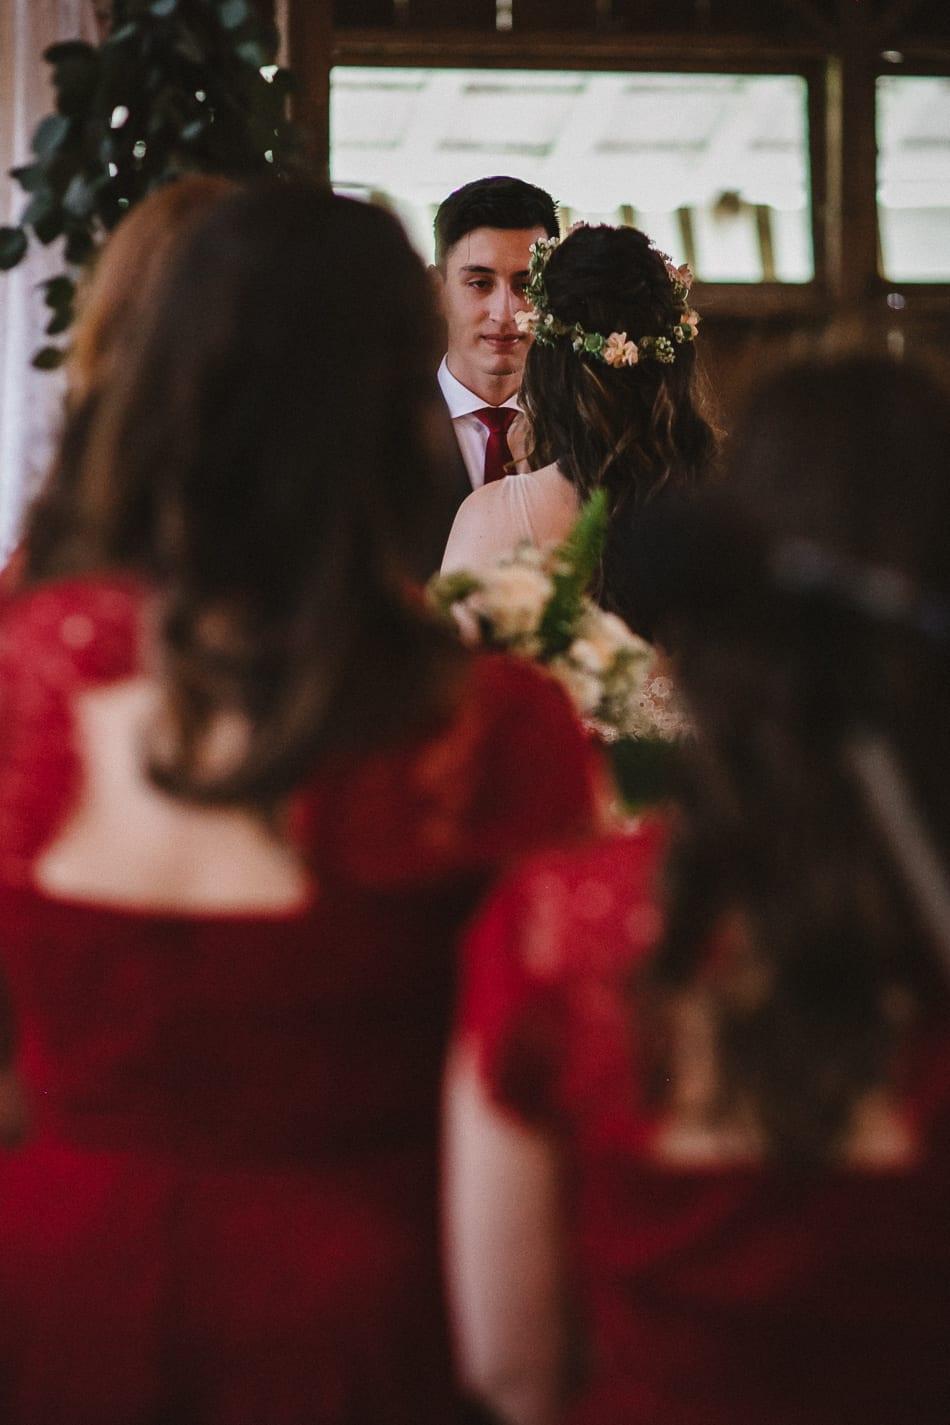 gover-ranch-redding-california-wedding-photographer-113